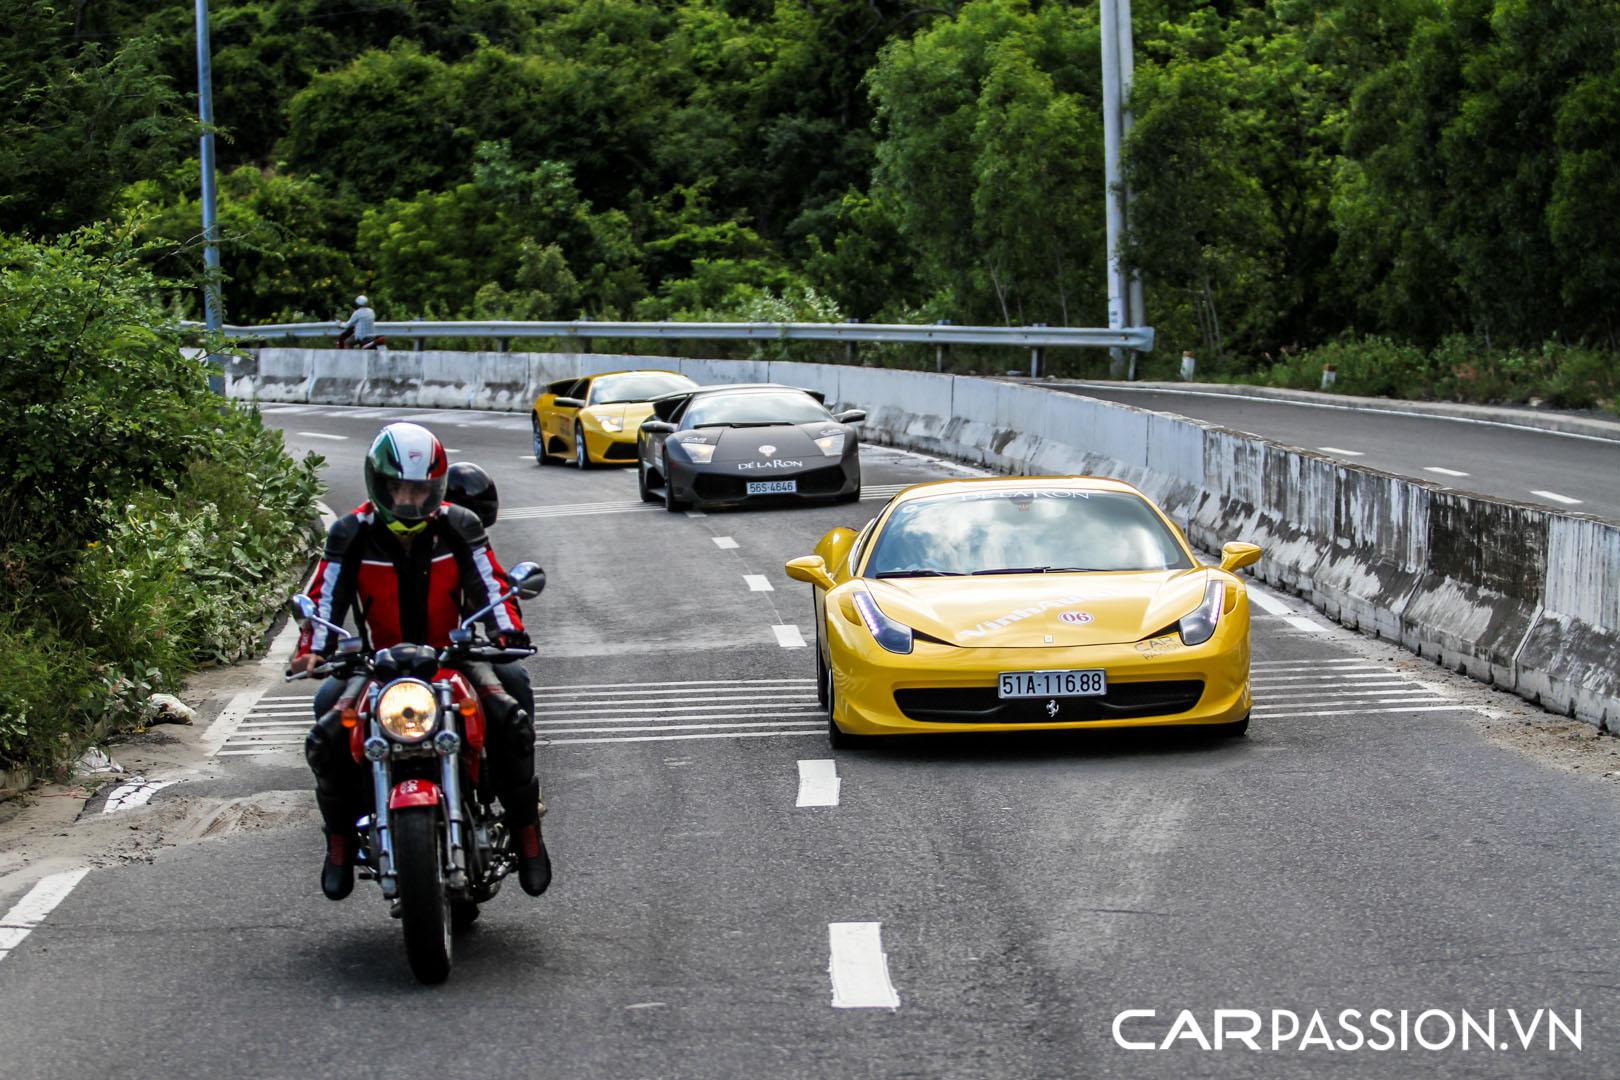 CP-Hành trình siêu xe CarPassion 2011 Day 2 (3).jpg